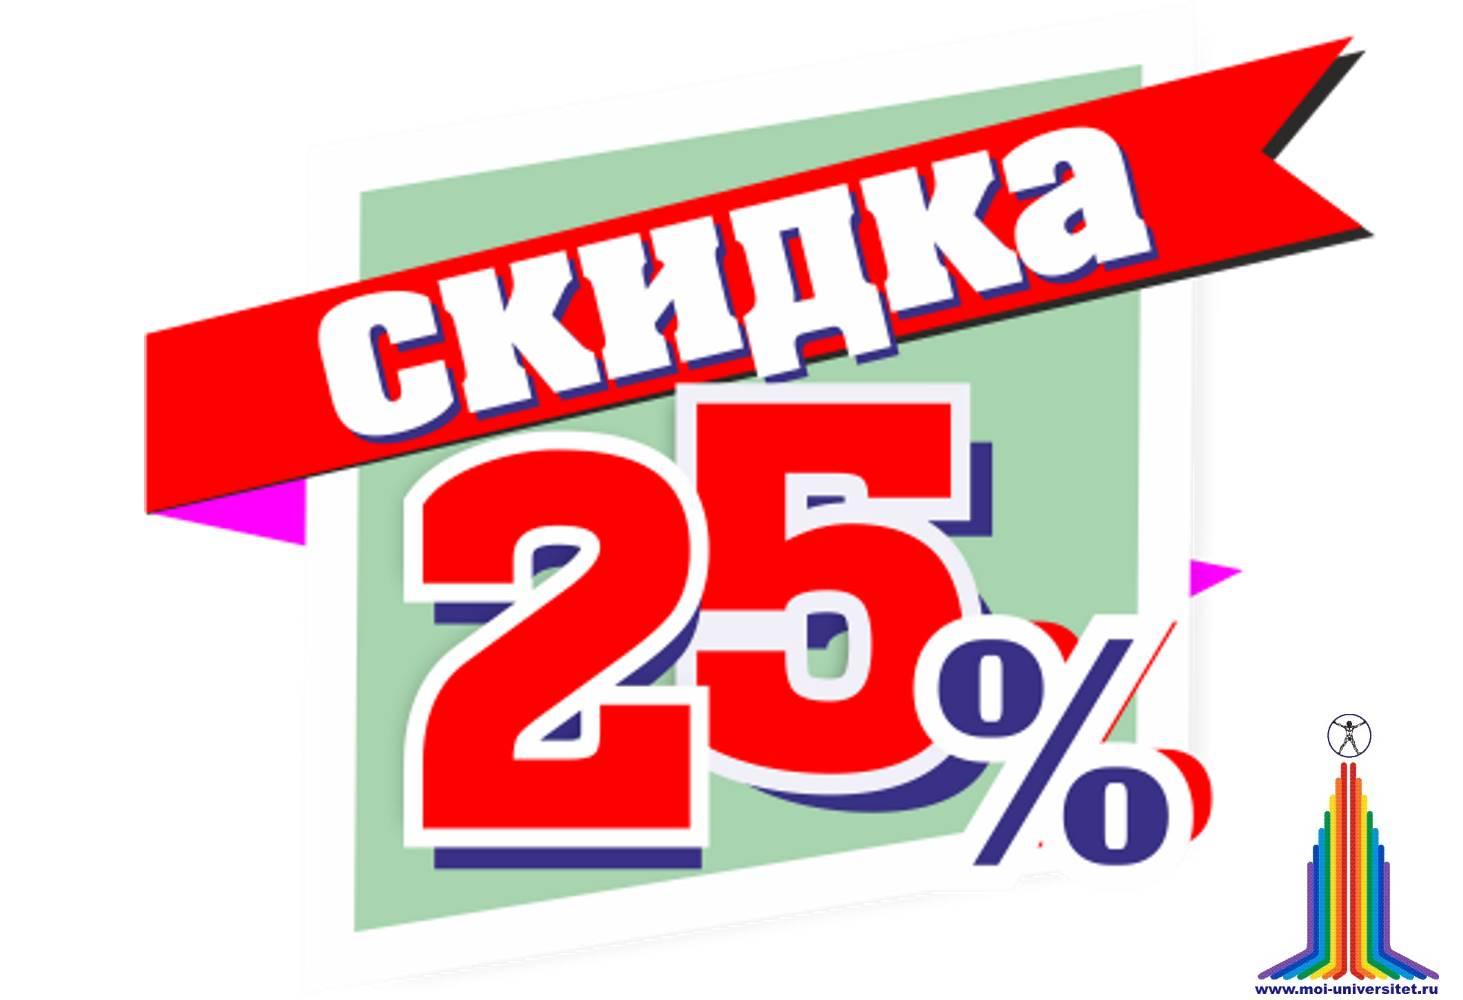 segodnya-poslednij-den-akcii-ot-mojego-universiteta-skidka-25-na-vse-kursy-i-rozygrysh-prizov